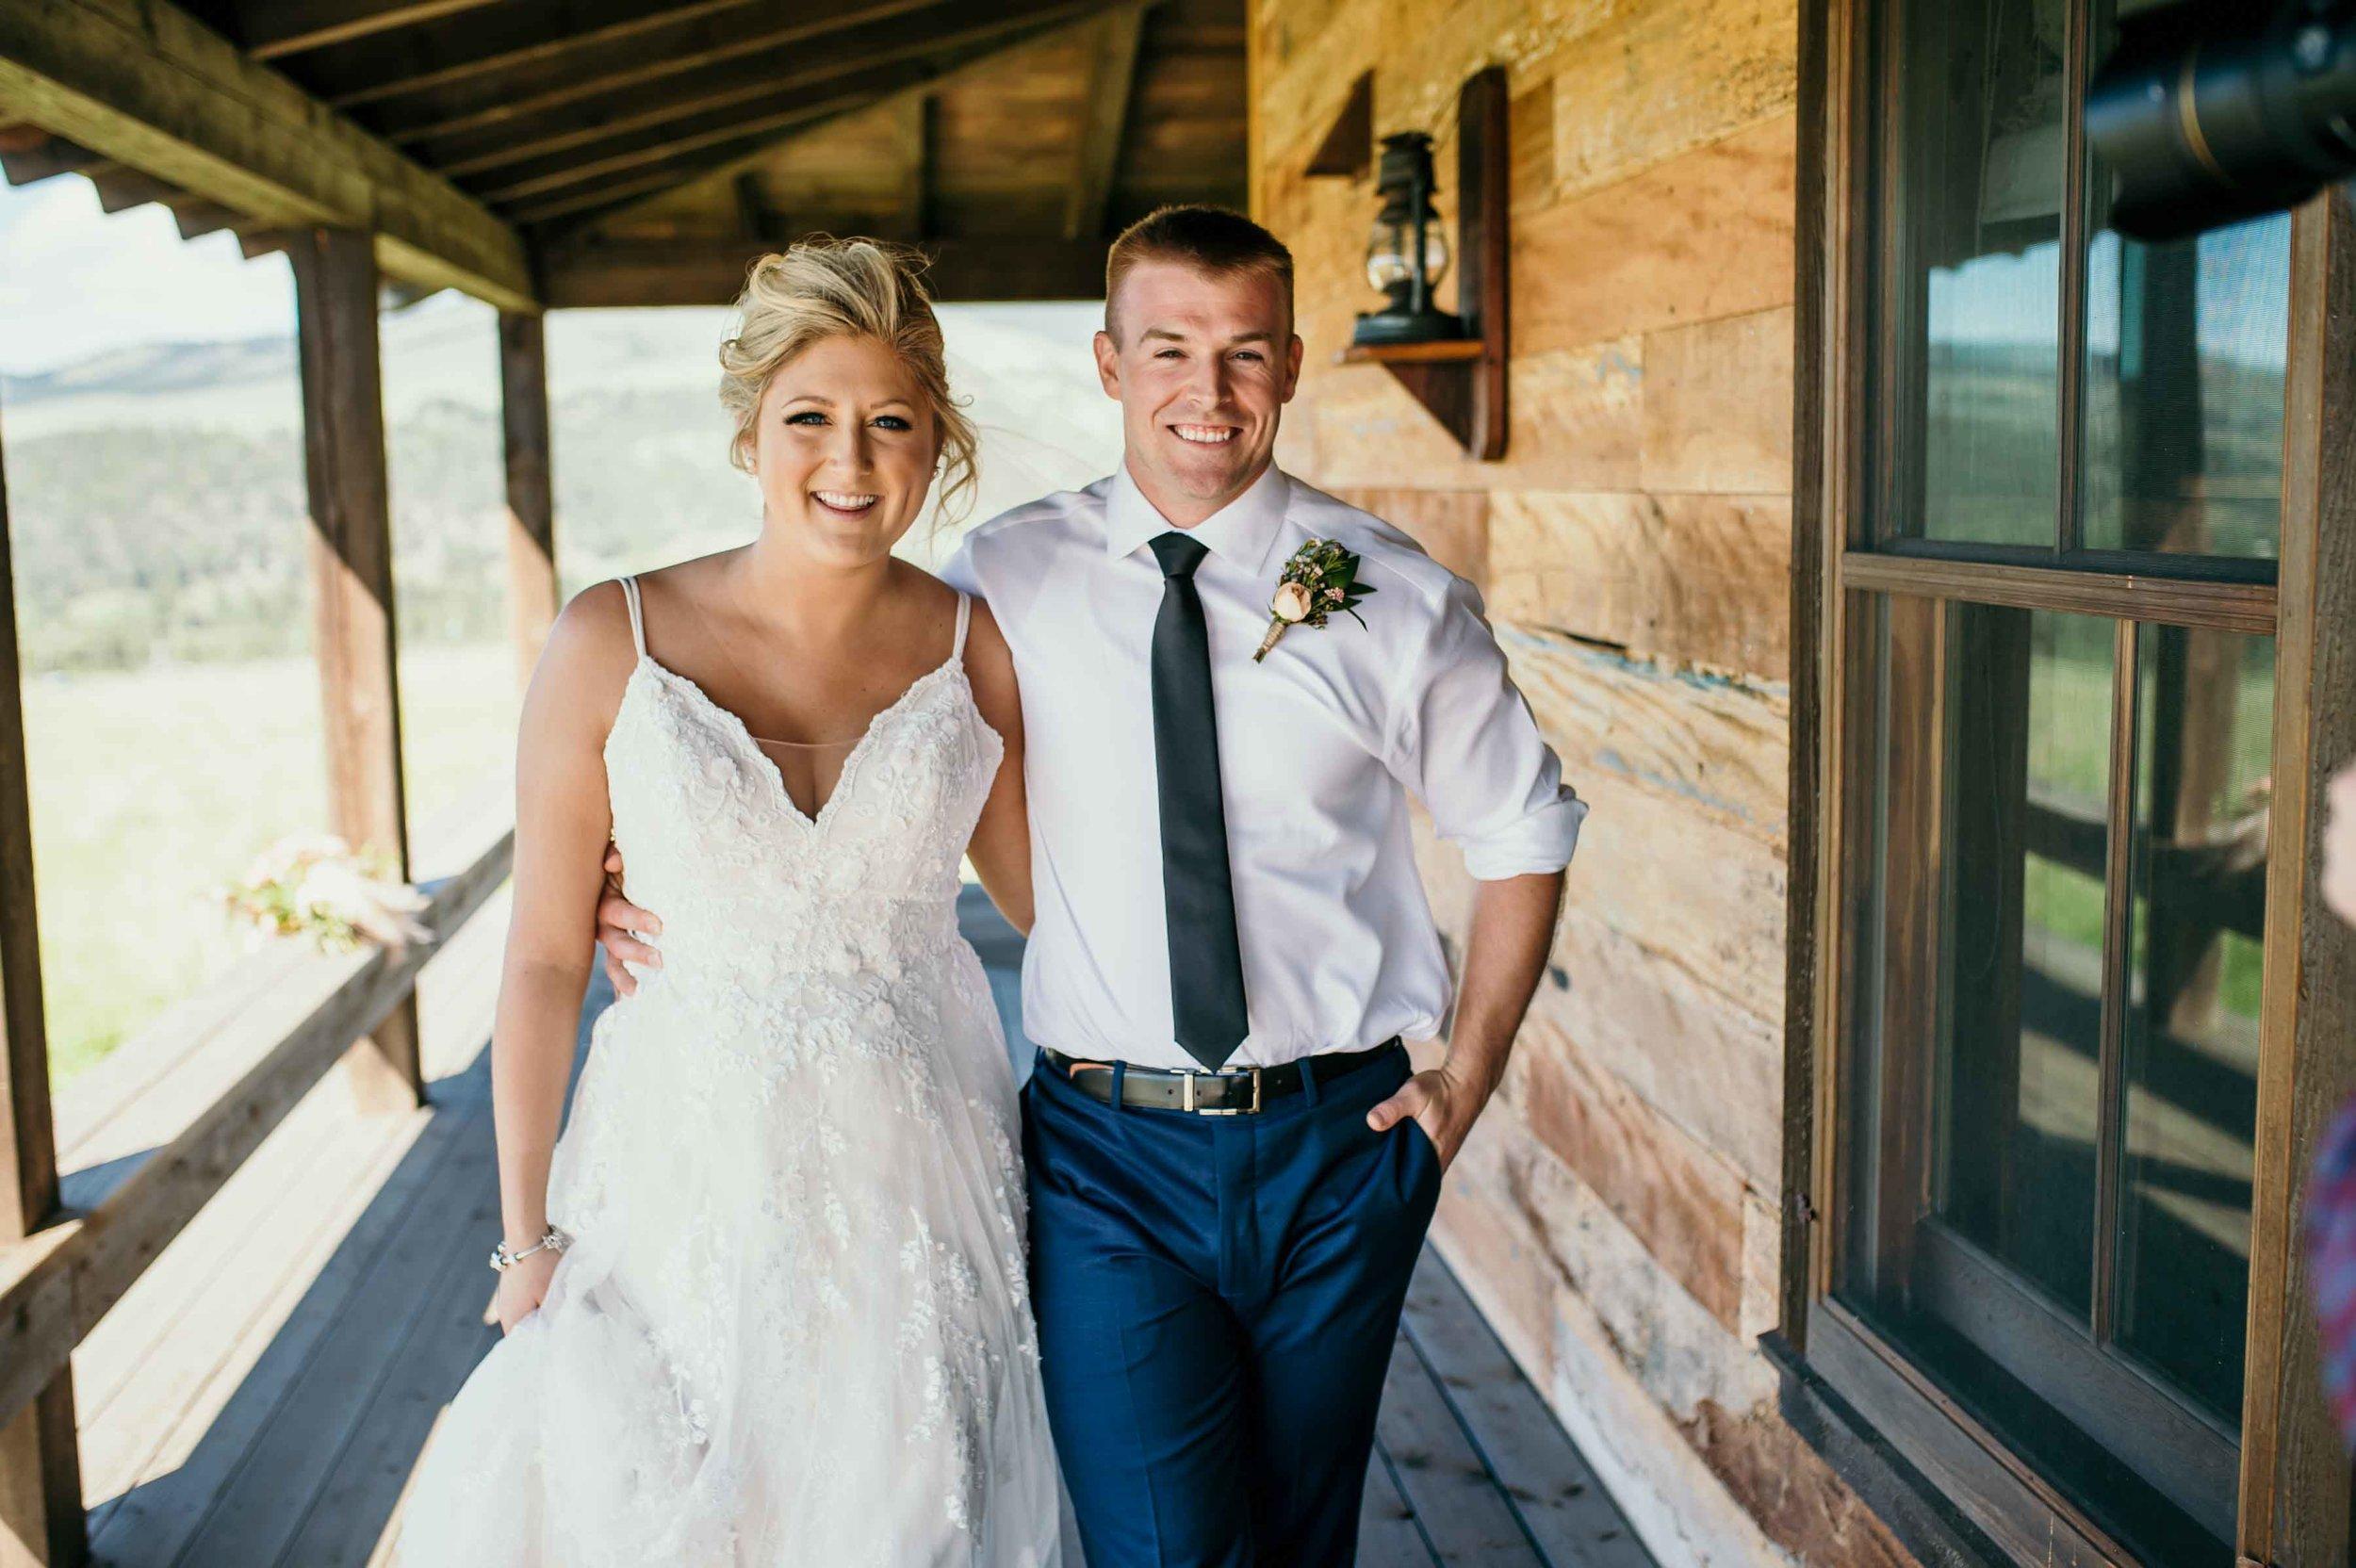 397 Montana Wedding Photographer_Doherty 2018-2070.jpg